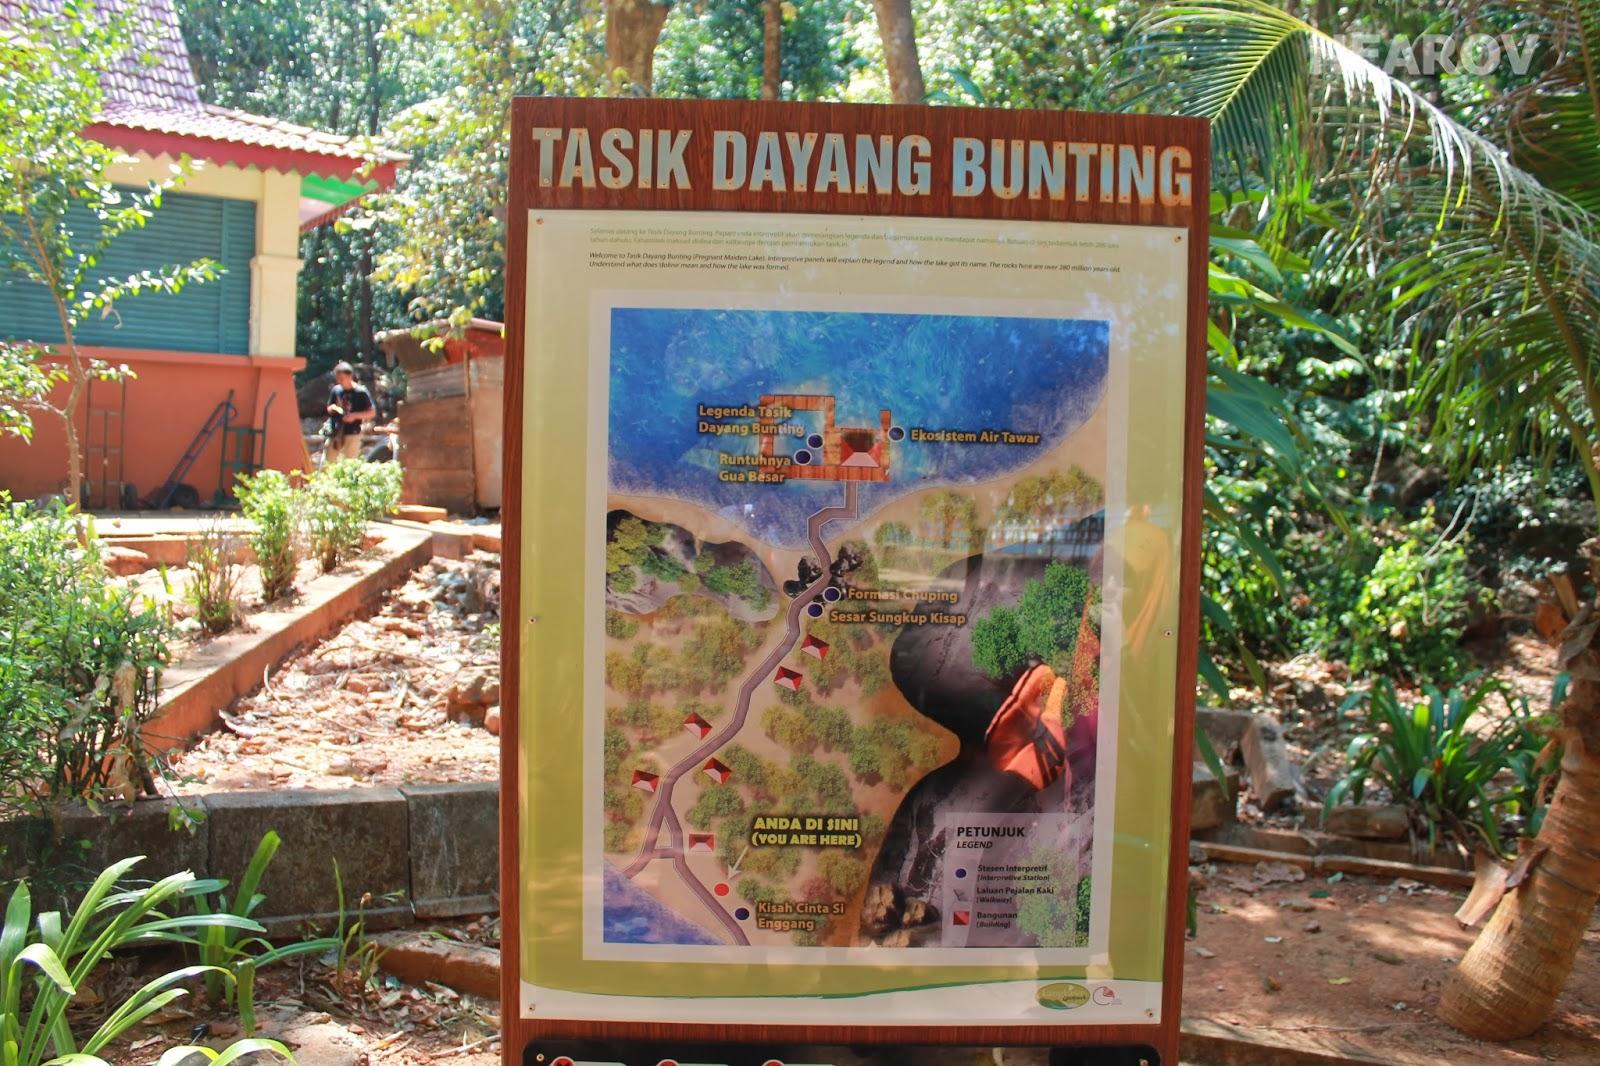 kisah betting beras basah island